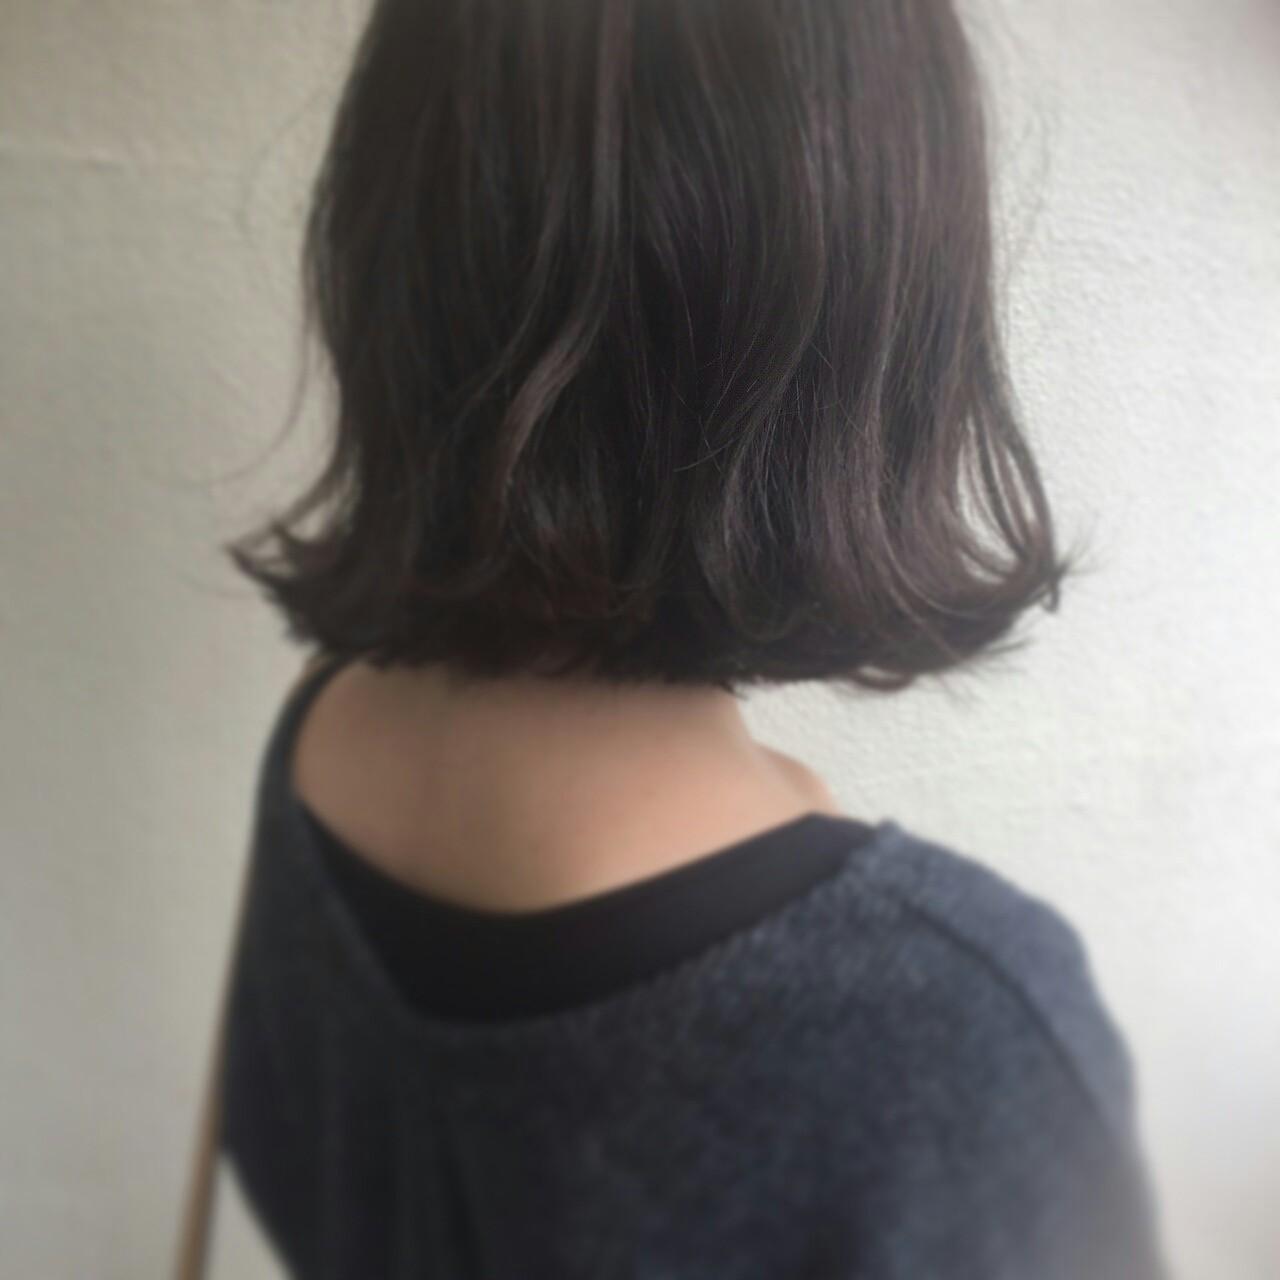 暗髪 外国人風 ボブ 簡単ヘアアレンジ ヘアスタイルや髪型の写真・画像 | 山崎雄太朗 / hair design beer 今泉店